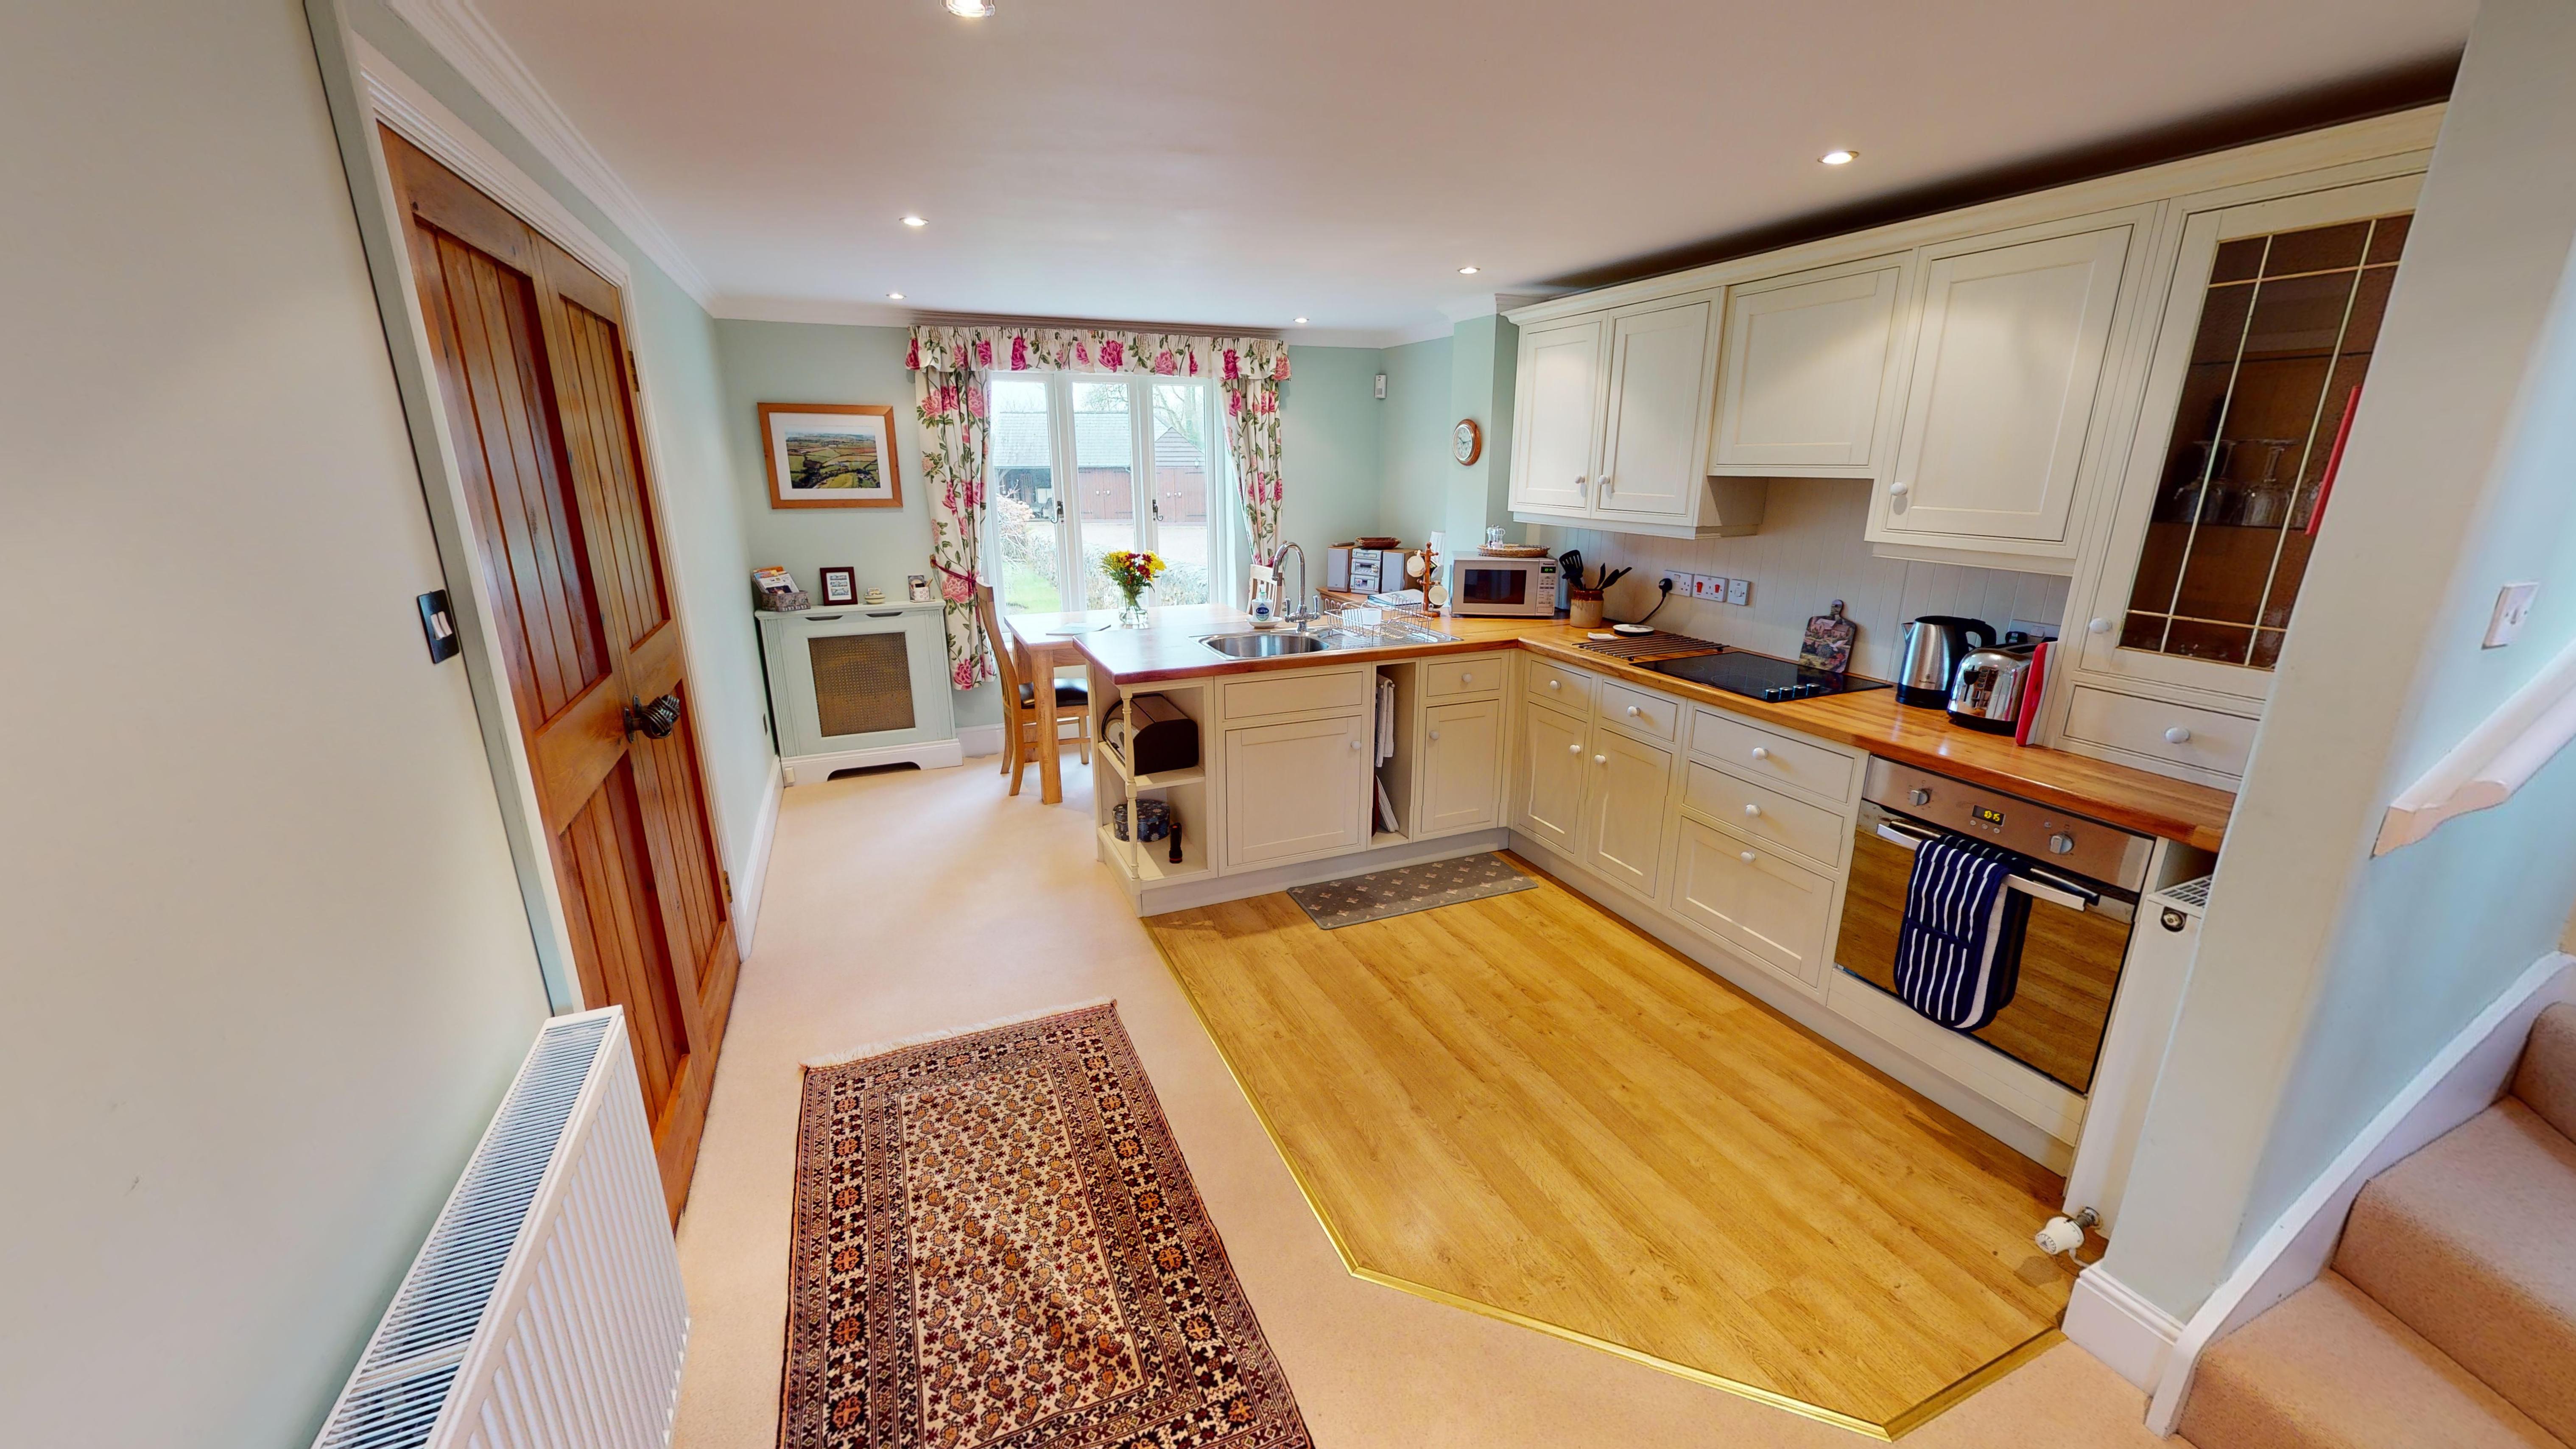 Coxes Cottage 03032020 191403 Kitchen